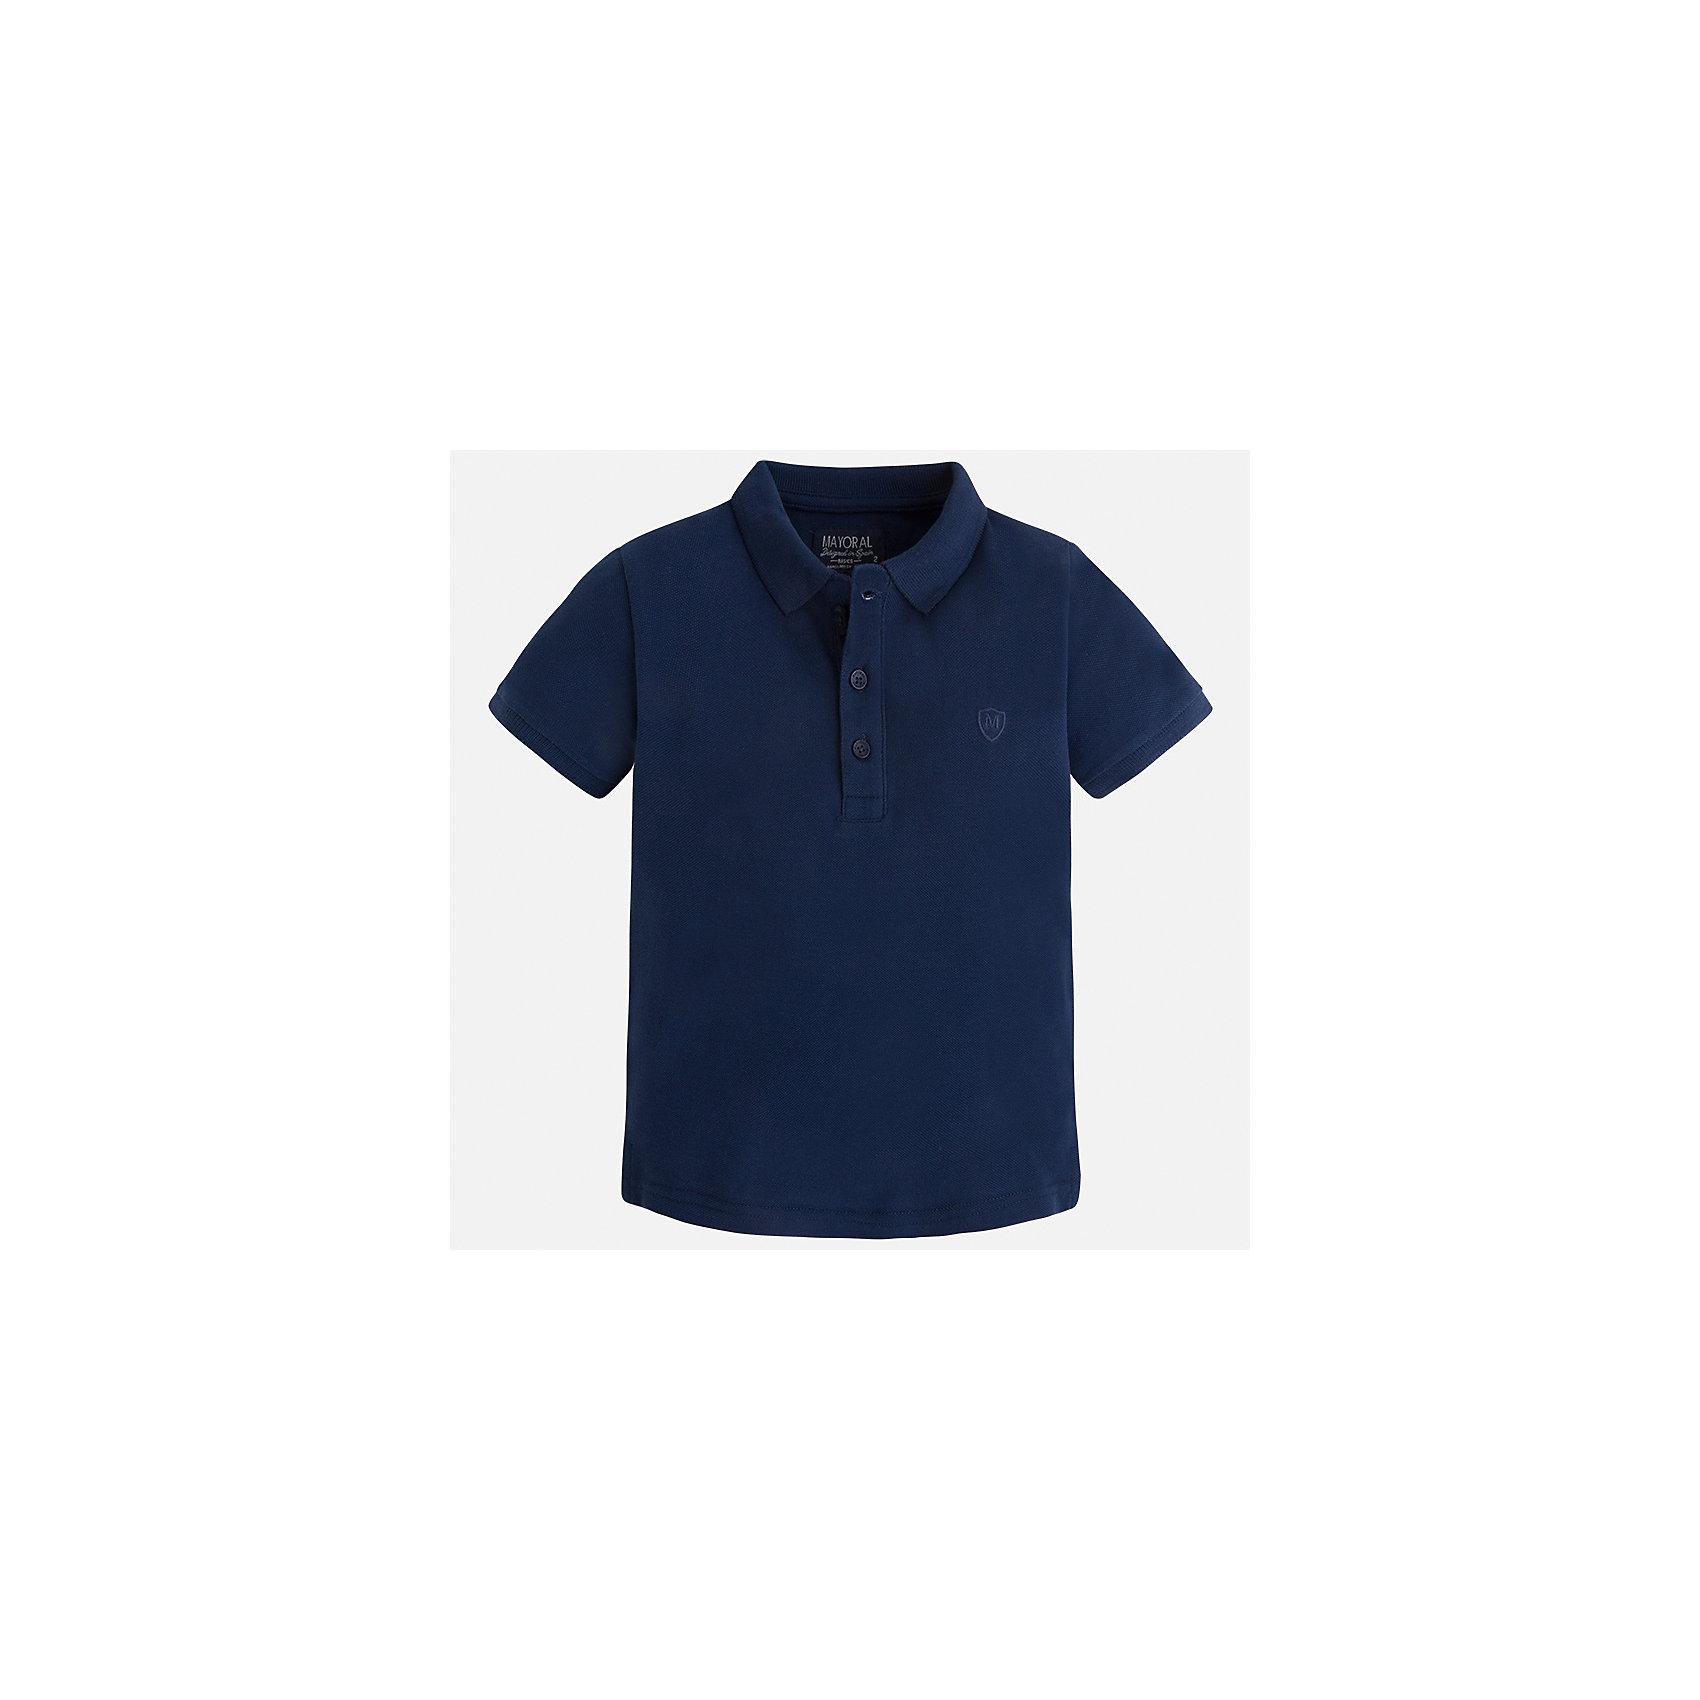 Футболка-поло для мальчика MayoralФутболки, поло и топы<br>Характеристики товара:<br><br>• цвет: синий<br>• состав: 100% хлопок<br>• отложной воротник<br>• короткие рукава<br>• застежка: пуговицы<br>• вышивка на груди<br>• страна бренда: Испания<br><br>Стильная удобная футболка-поло для мальчика может стать базовой вещью в гардеробе ребенка. Она отлично сочетается с брюками, шортами, джинсами и т.д. Универсальный крой и цвет позволяет подобрать к вещи низ разных расцветок. Практичное и стильное изделие! В составе материала - только натуральный хлопок, гипоаллергенный, приятный на ощупь, дышащий.<br><br>Одежда, обувь и аксессуары от испанского бренда Mayoral полюбились детям и взрослым по всему миру. Модели этой марки - стильные и удобные. Для их производства используются только безопасные, качественные материалы и фурнитура. Порадуйте ребенка модными и красивыми вещами от Mayoral! <br><br>Футболку-поло для мальчика от испанского бренда Mayoral (Майорал) можно купить в нашем интернет-магазине.<br><br>Ширина мм: 230<br>Глубина мм: 40<br>Высота мм: 220<br>Вес г: 250<br>Цвет: синий<br>Возраст от месяцев: 18<br>Возраст до месяцев: 24<br>Пол: Мужской<br>Возраст: Детский<br>Размер: 92,134,128,122,116,110,104,98<br>SKU: 5277794